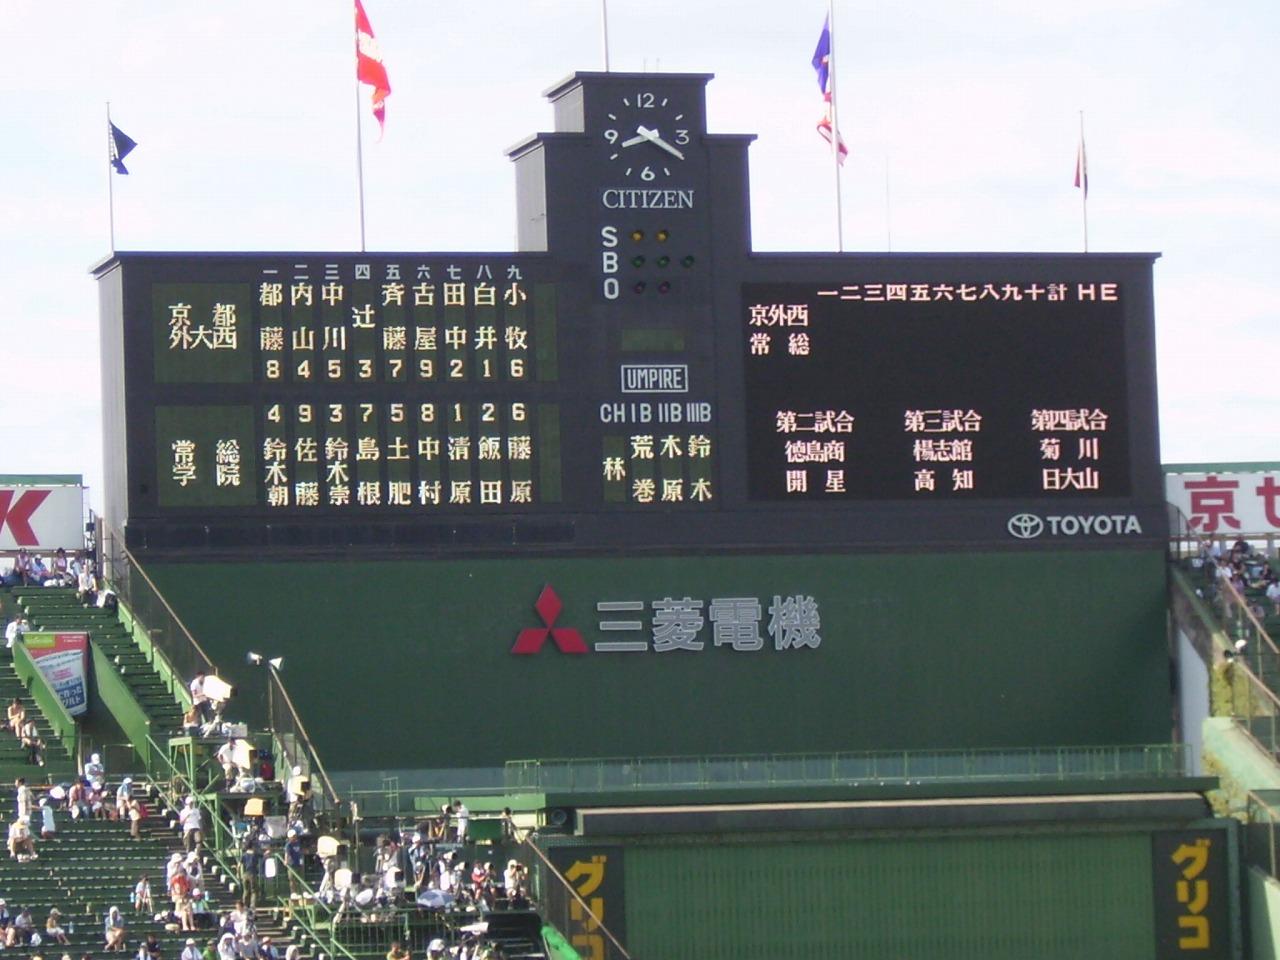 甲子園1 甲子園へ行ってきました。京都府代表の京都外大西高校の試合を見るためです...  京都の